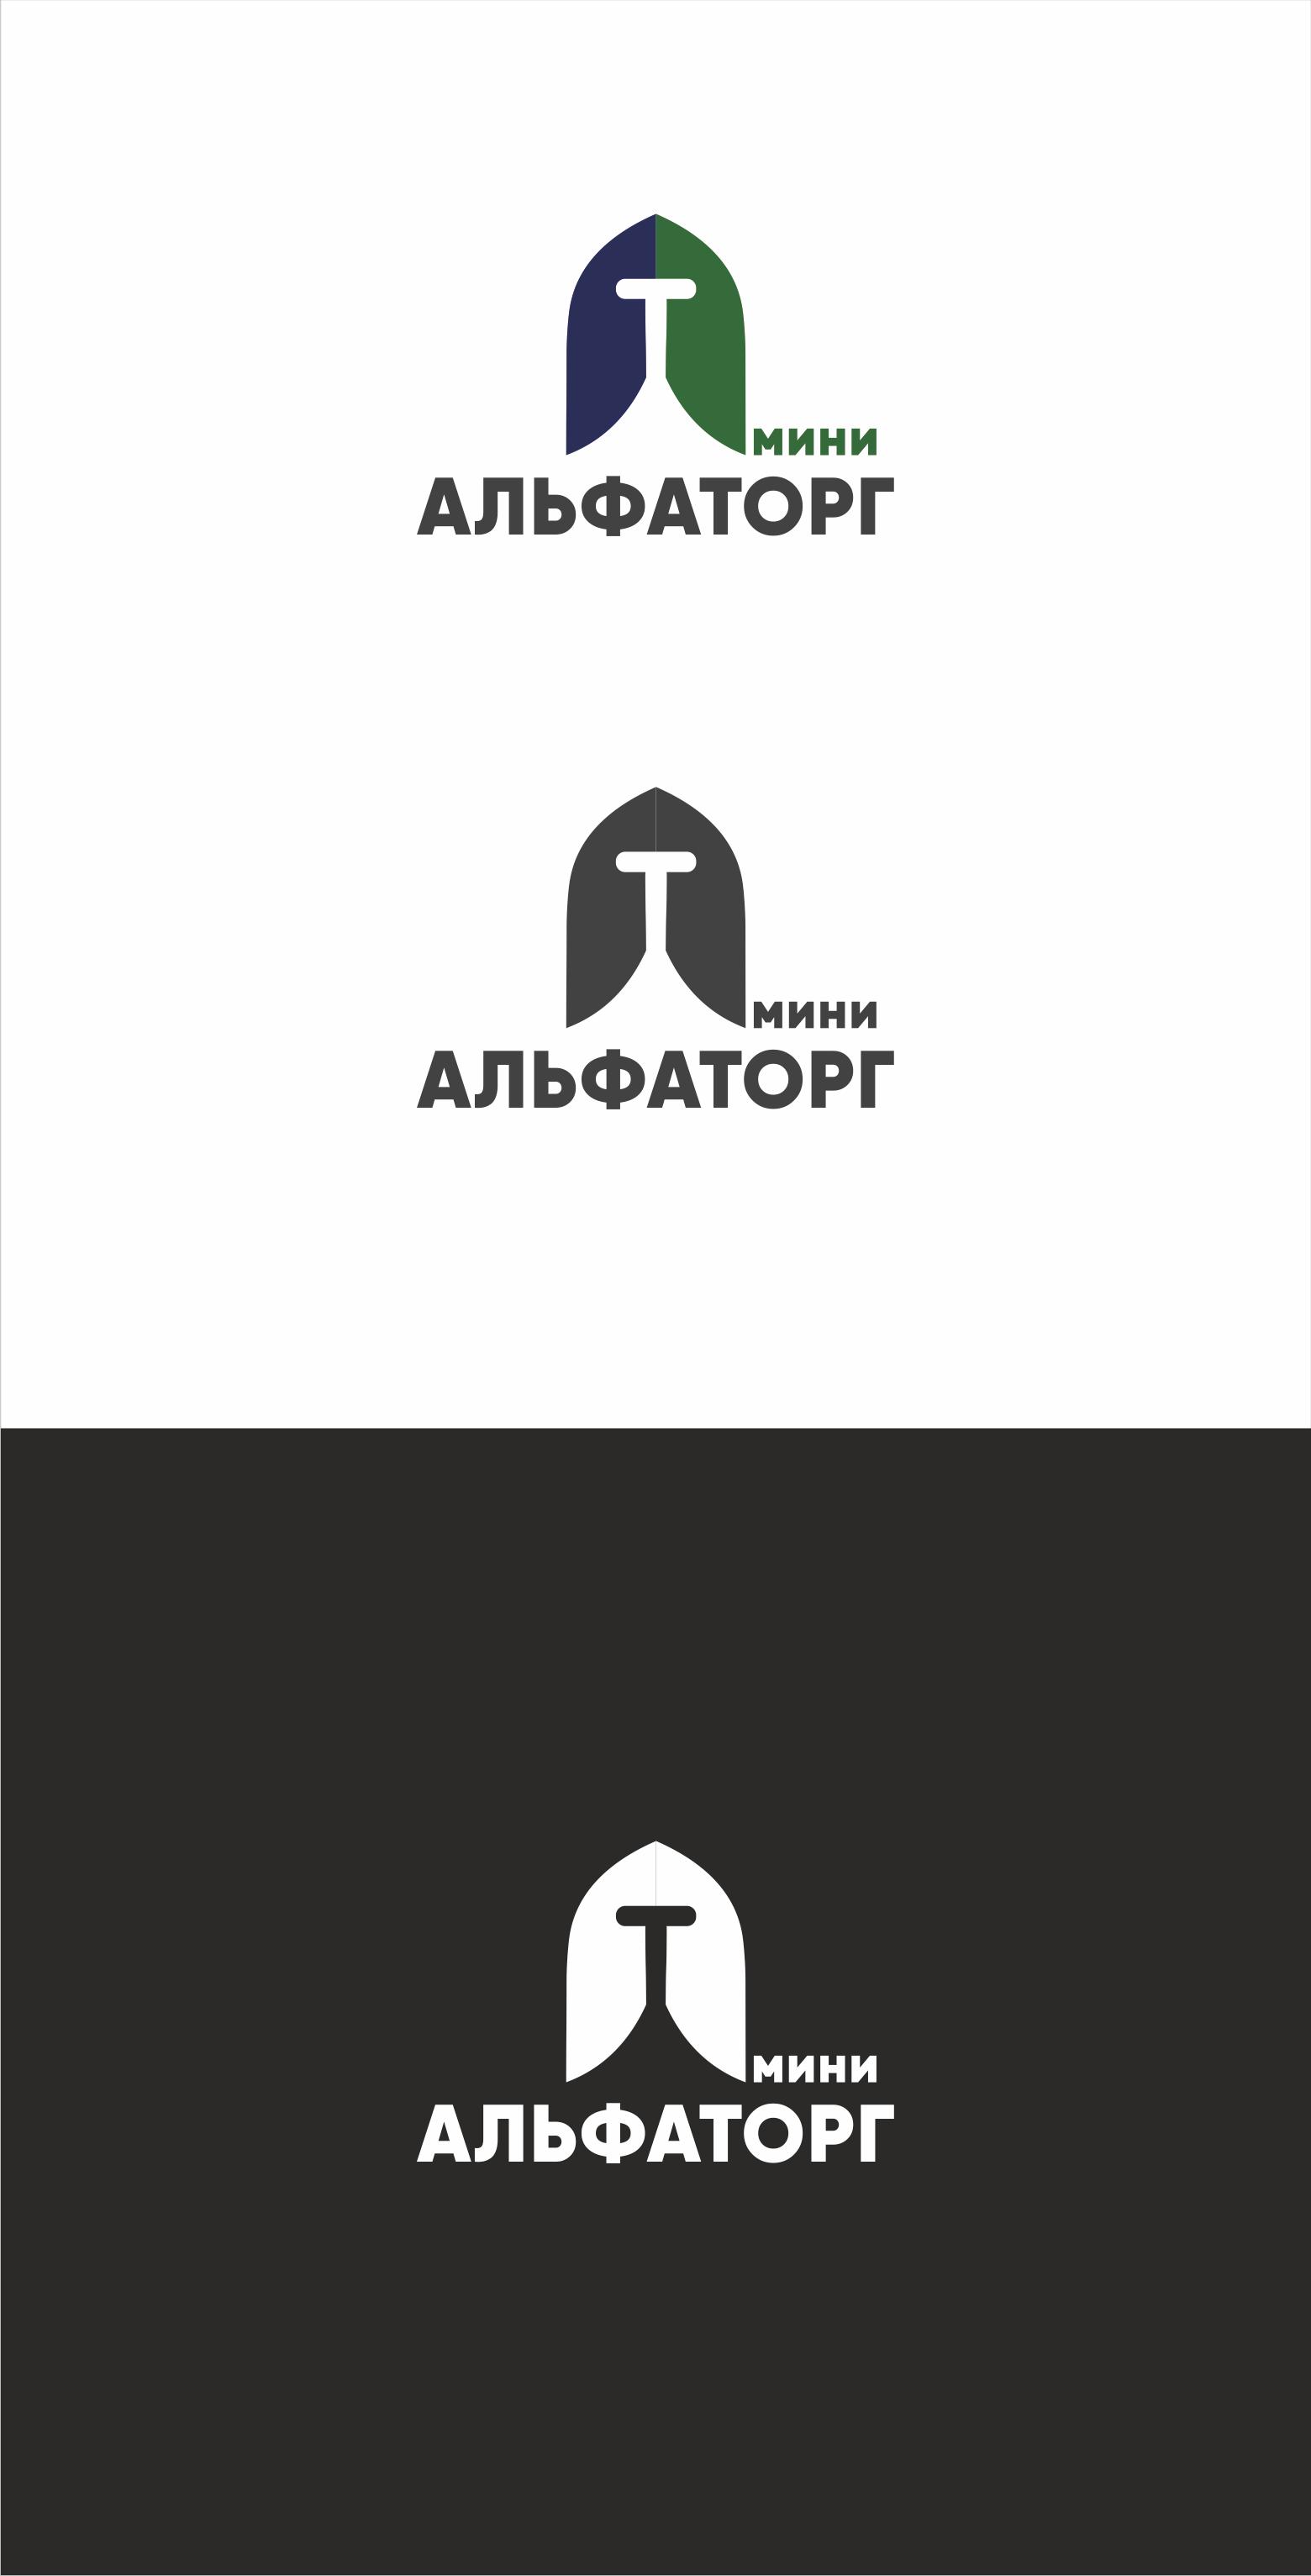 Логотип и фирменный стиль фото f_7415ef7726da08e9.png